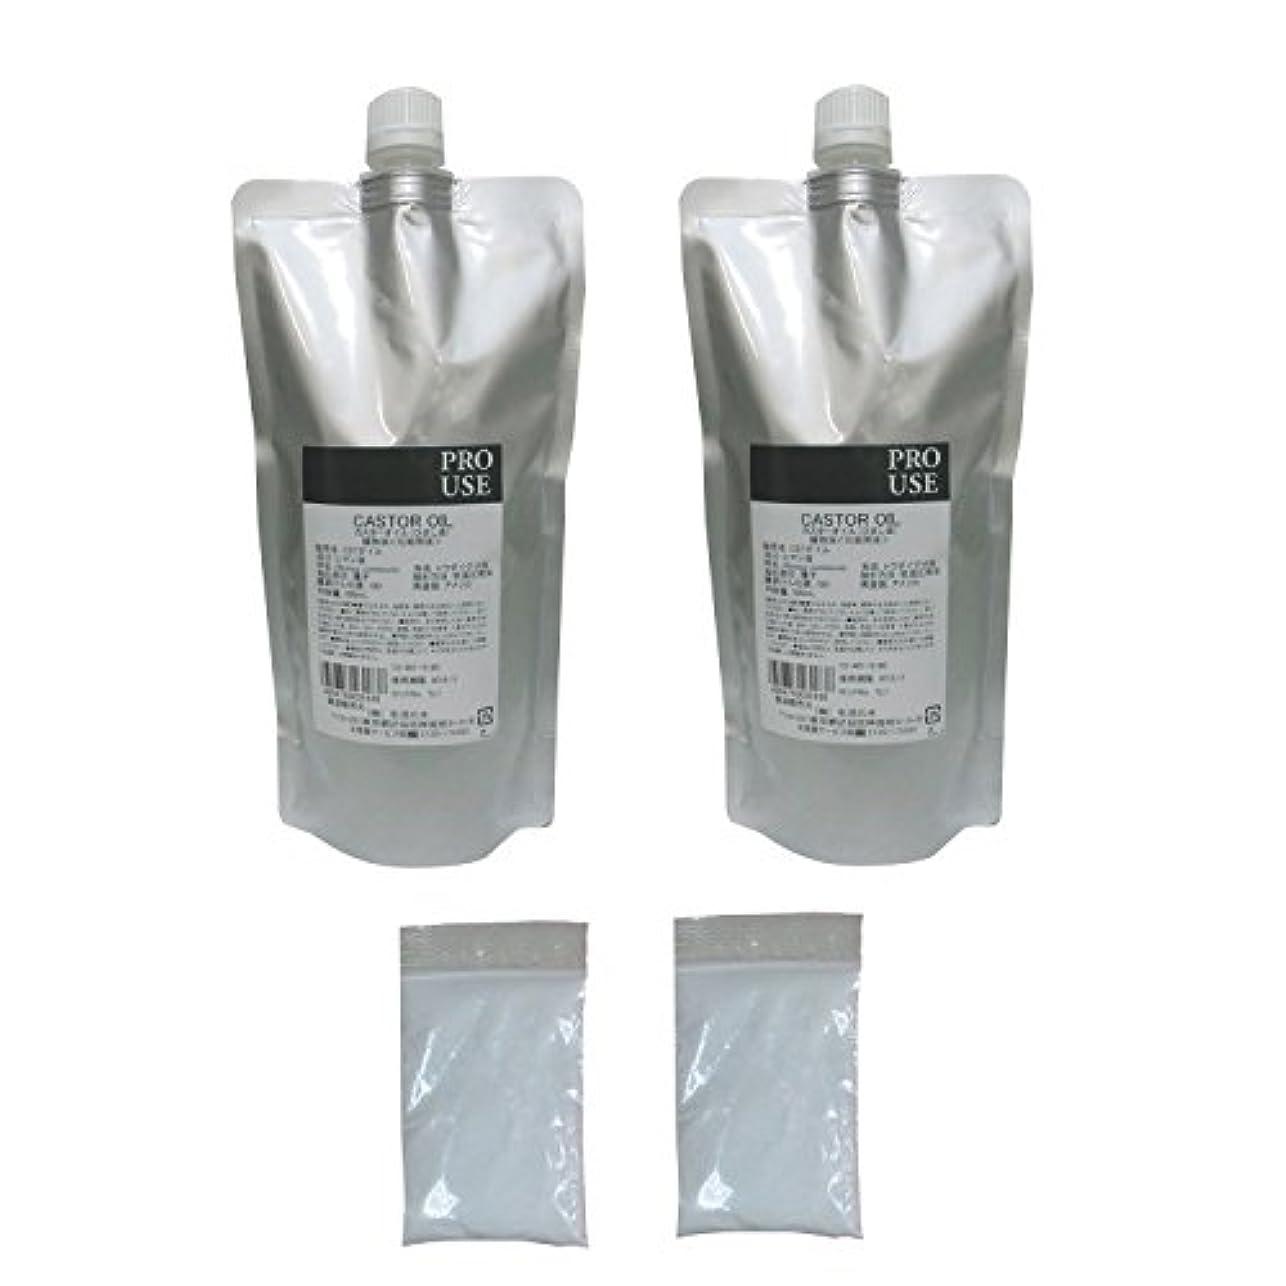 必要とする偽装する大胆なカスターオイル ひまし油500ml 2個組 (重層2袋付)